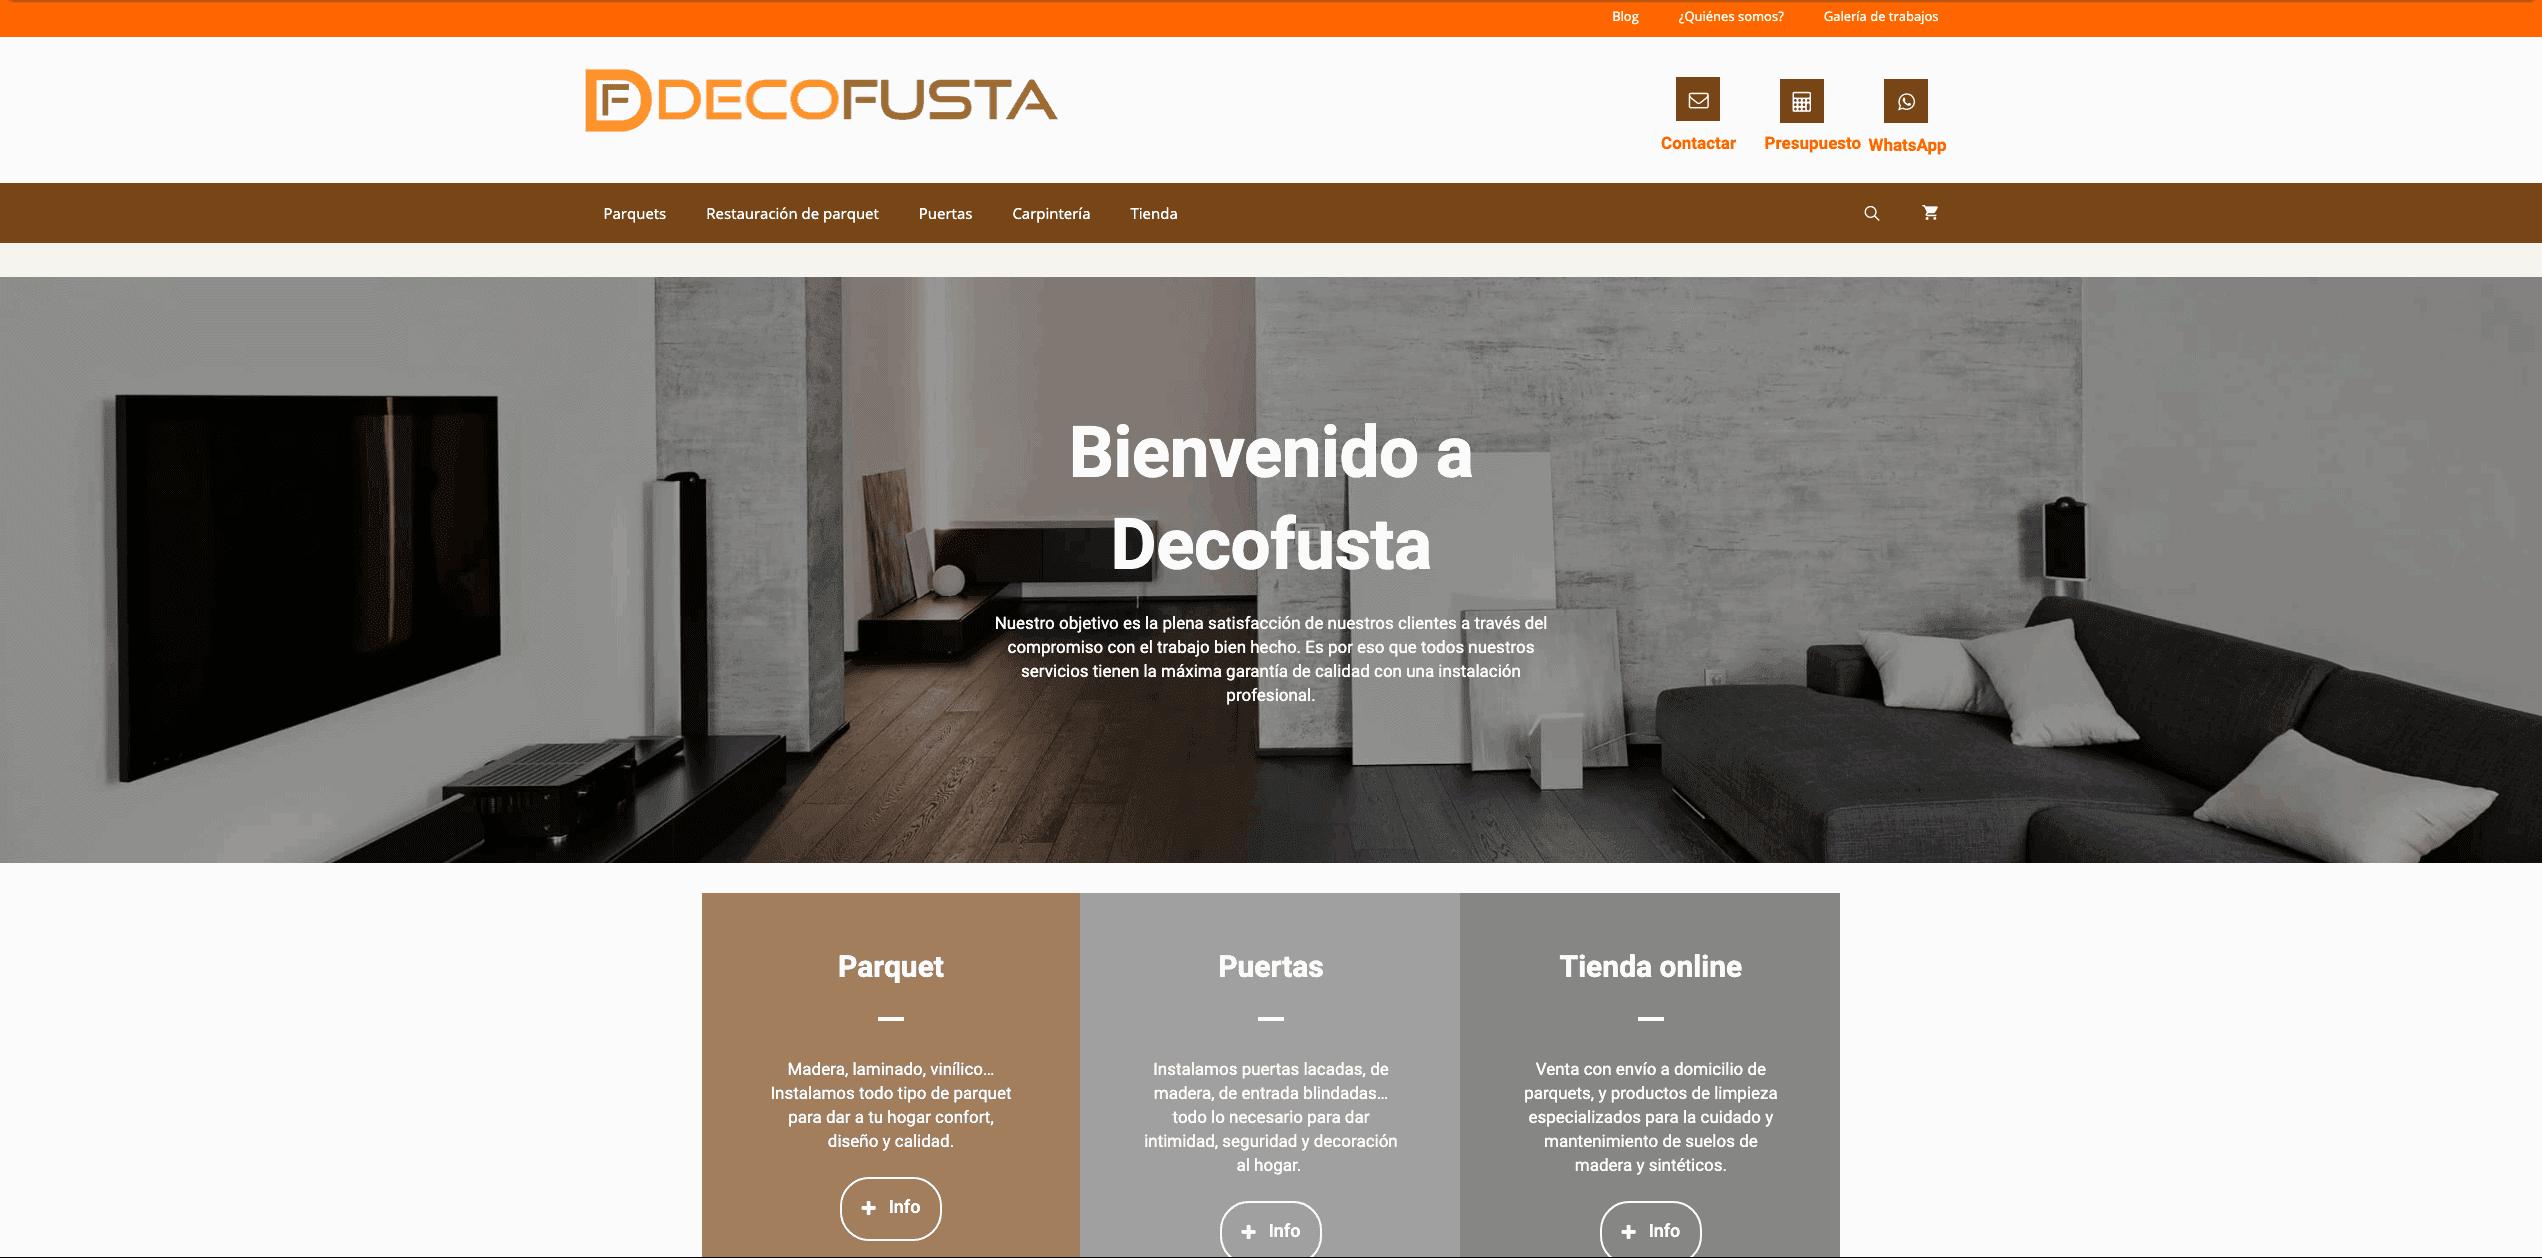 web decofusta desde el 2017 al 2018